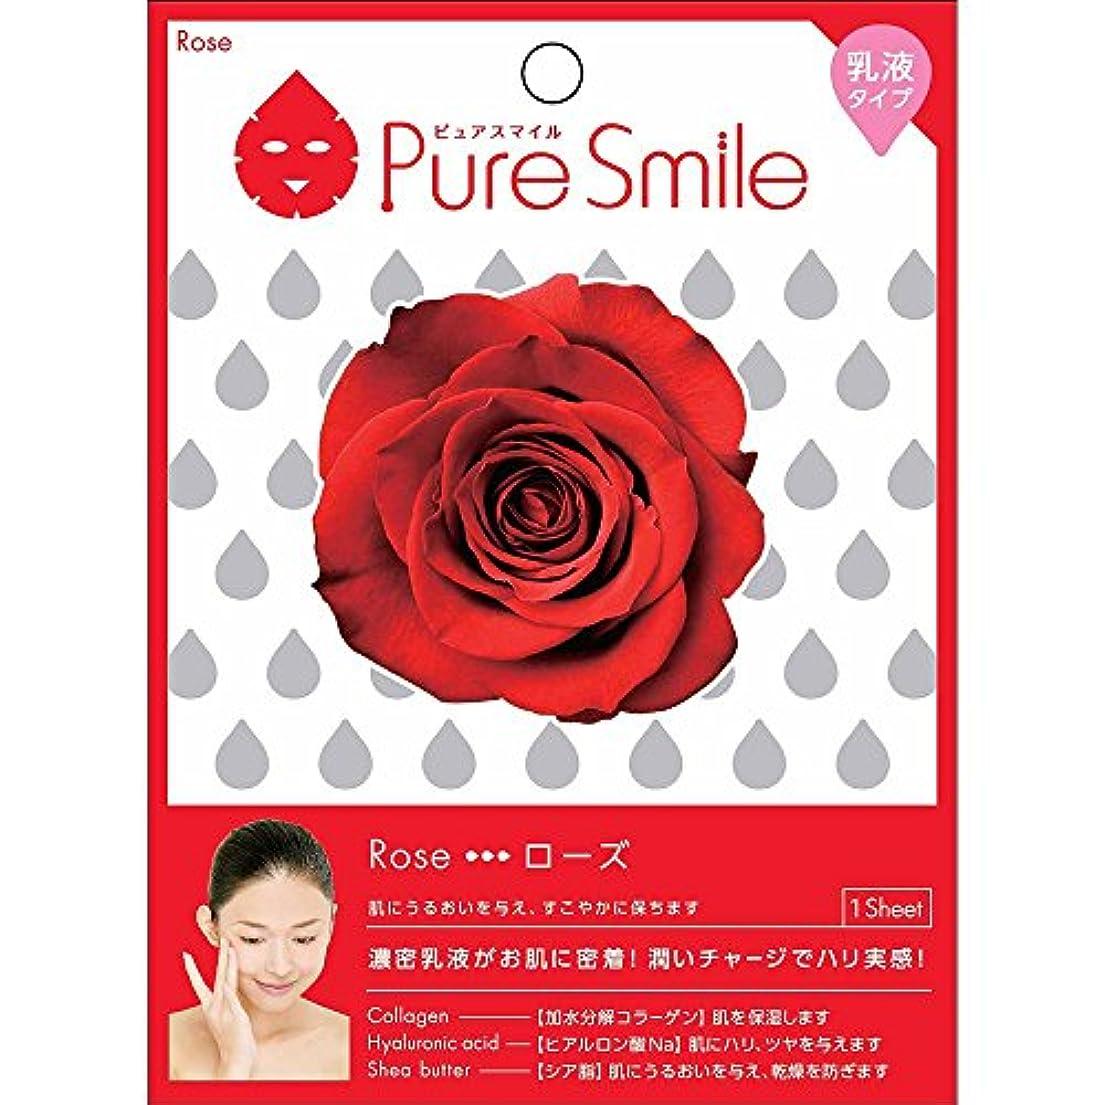 どっちでも遡る債権者Pure Smile(ピュアスマイル) 乳液エッセンスマスク 1 枚 ローズ